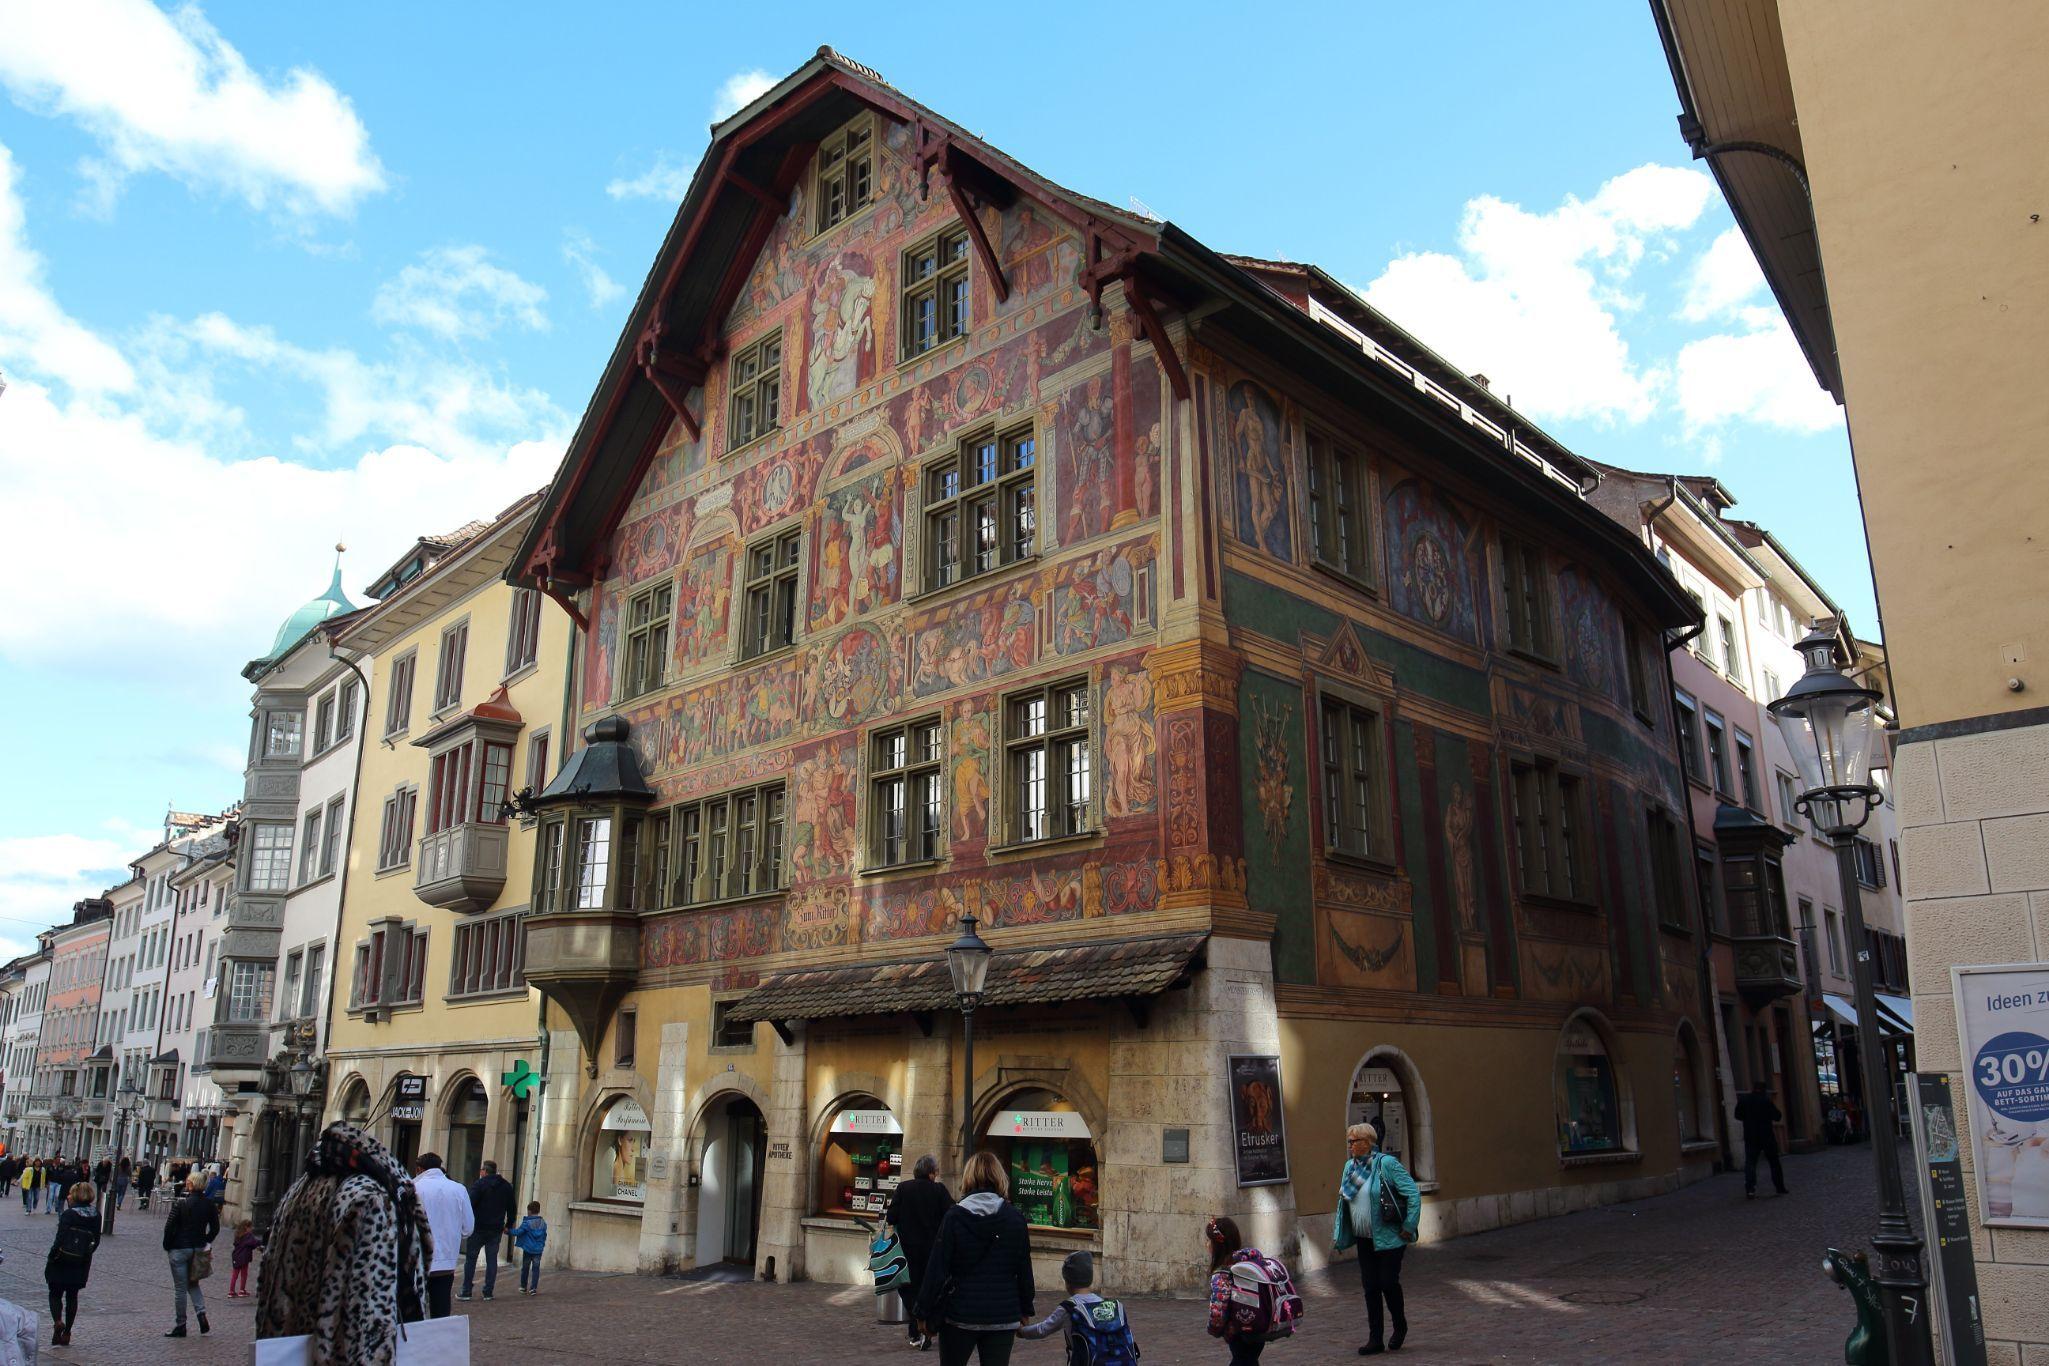 Haus zum Ritter travel guidebook –must visit attractions in Schaffhausen – Haus  zum Ritter nearby recommendation – Trip.com